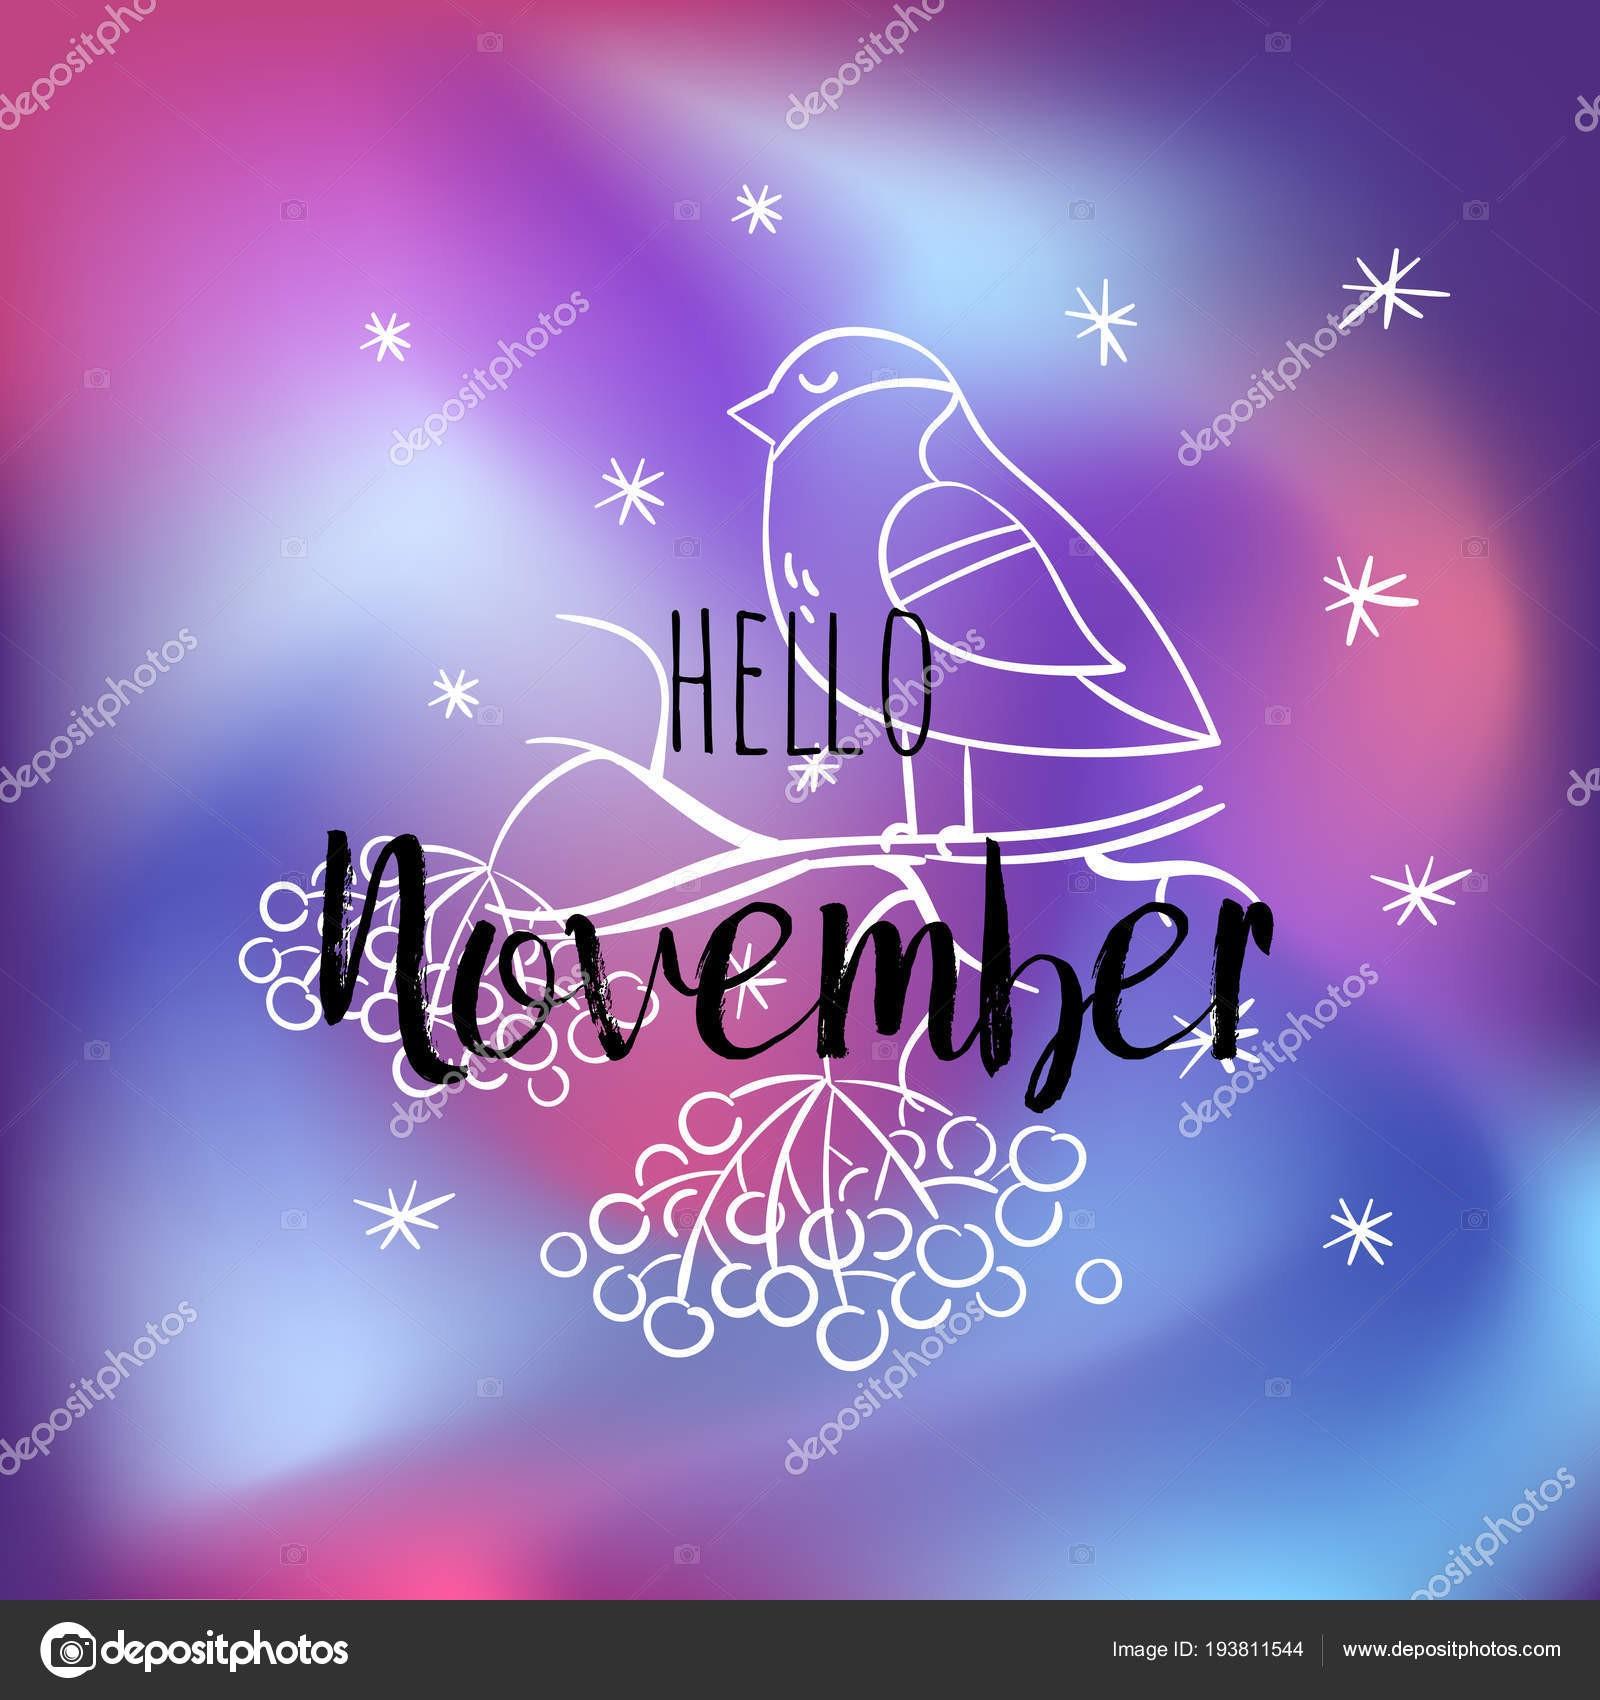 Calendário 2019 Excel Com Feriados Actual Calendario Novembro 2018 Imprimir T Of Calendário 2019 Excel Com Feriados Actual Calendario Novembro 2018 Imprimir T